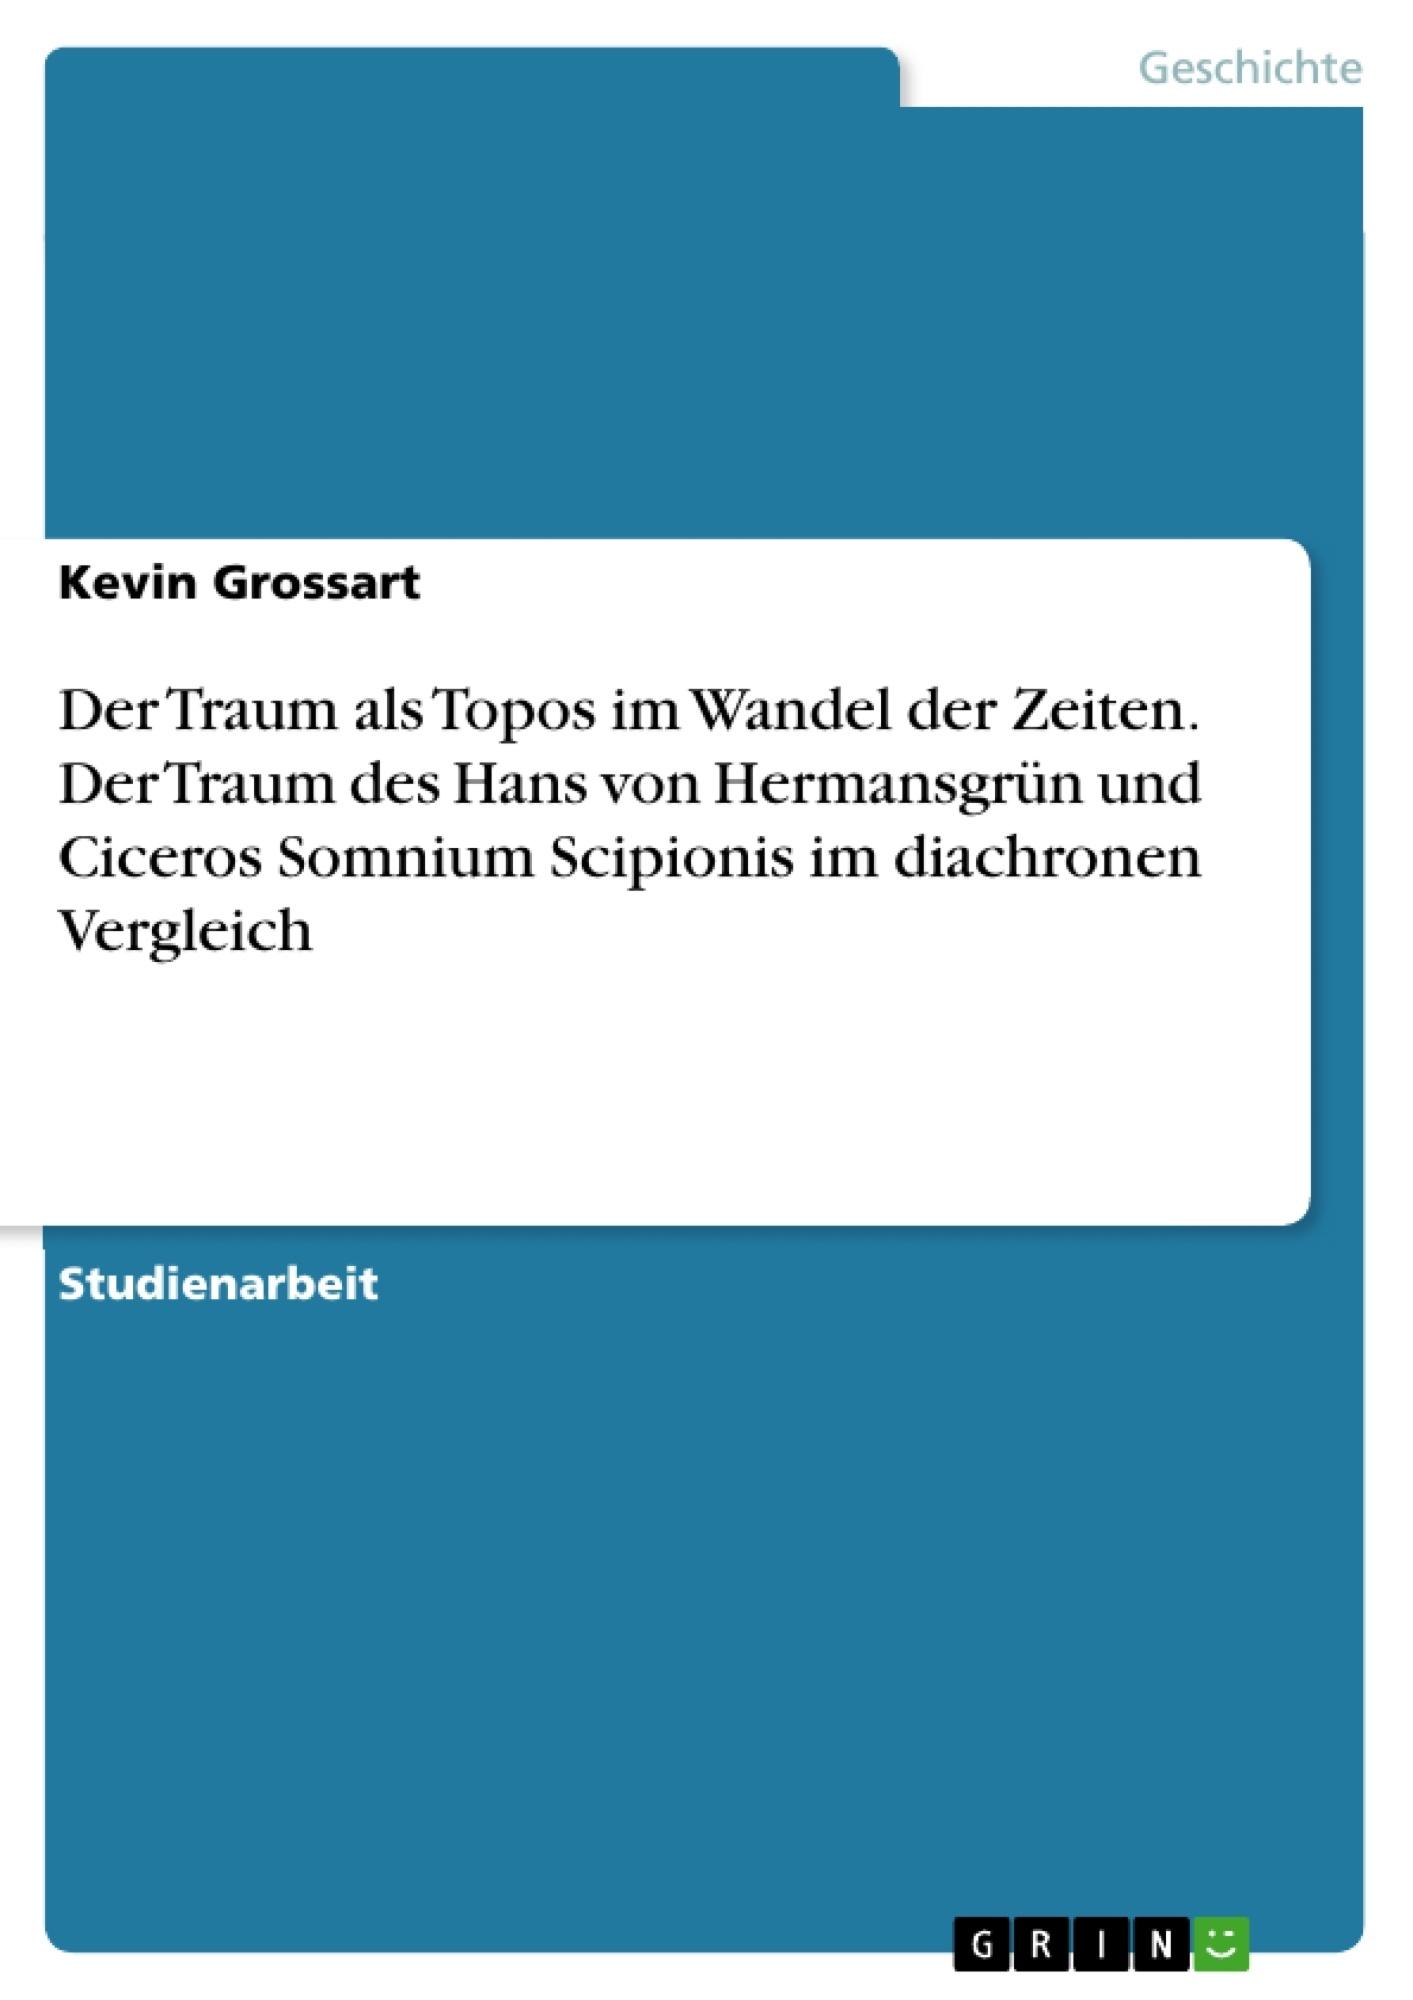 Titel: Der Traum als Topos im Wandel der Zeiten. Der Traum des Hans von Hermansgrün und Ciceros Somnium Scipionis im diachronen Vergleich